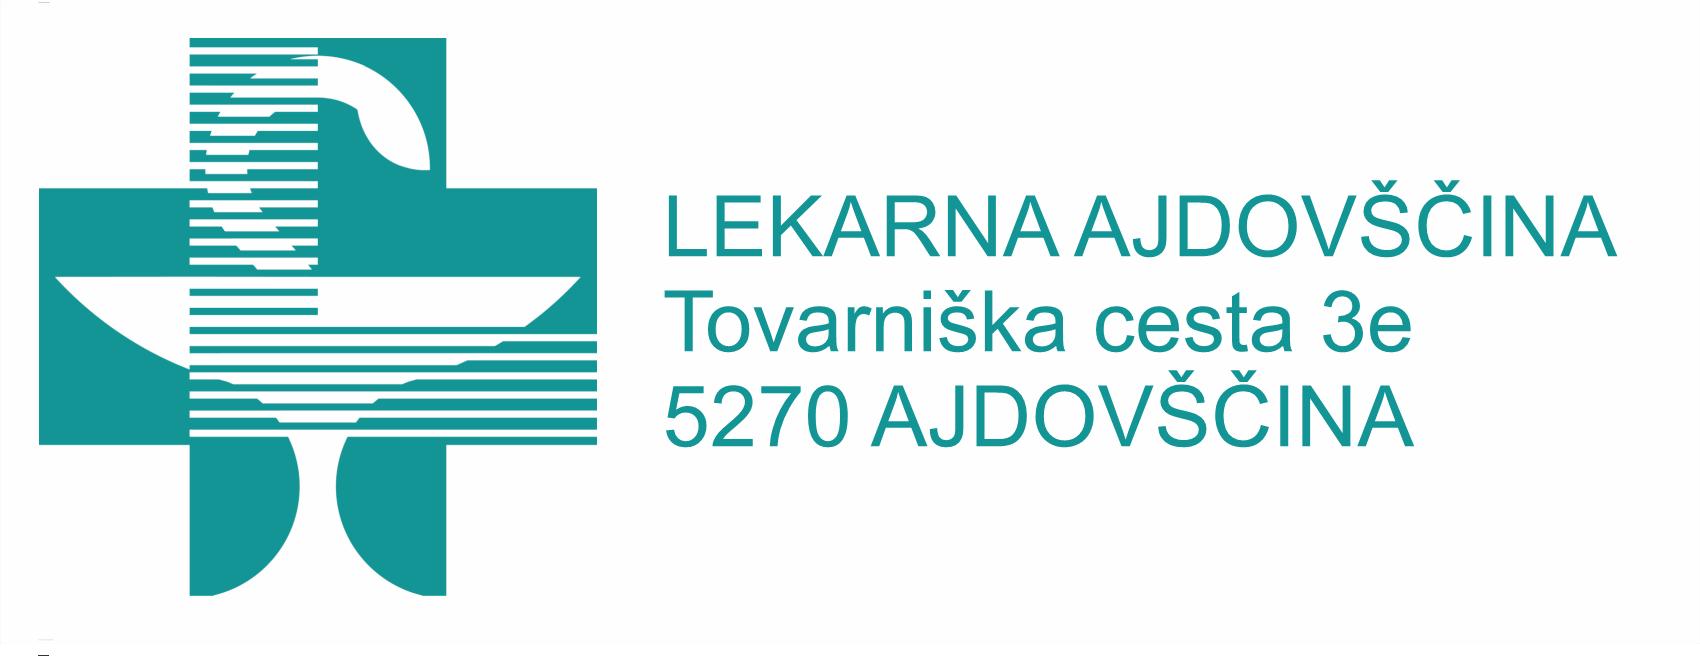 Lekarna Ajdovščina